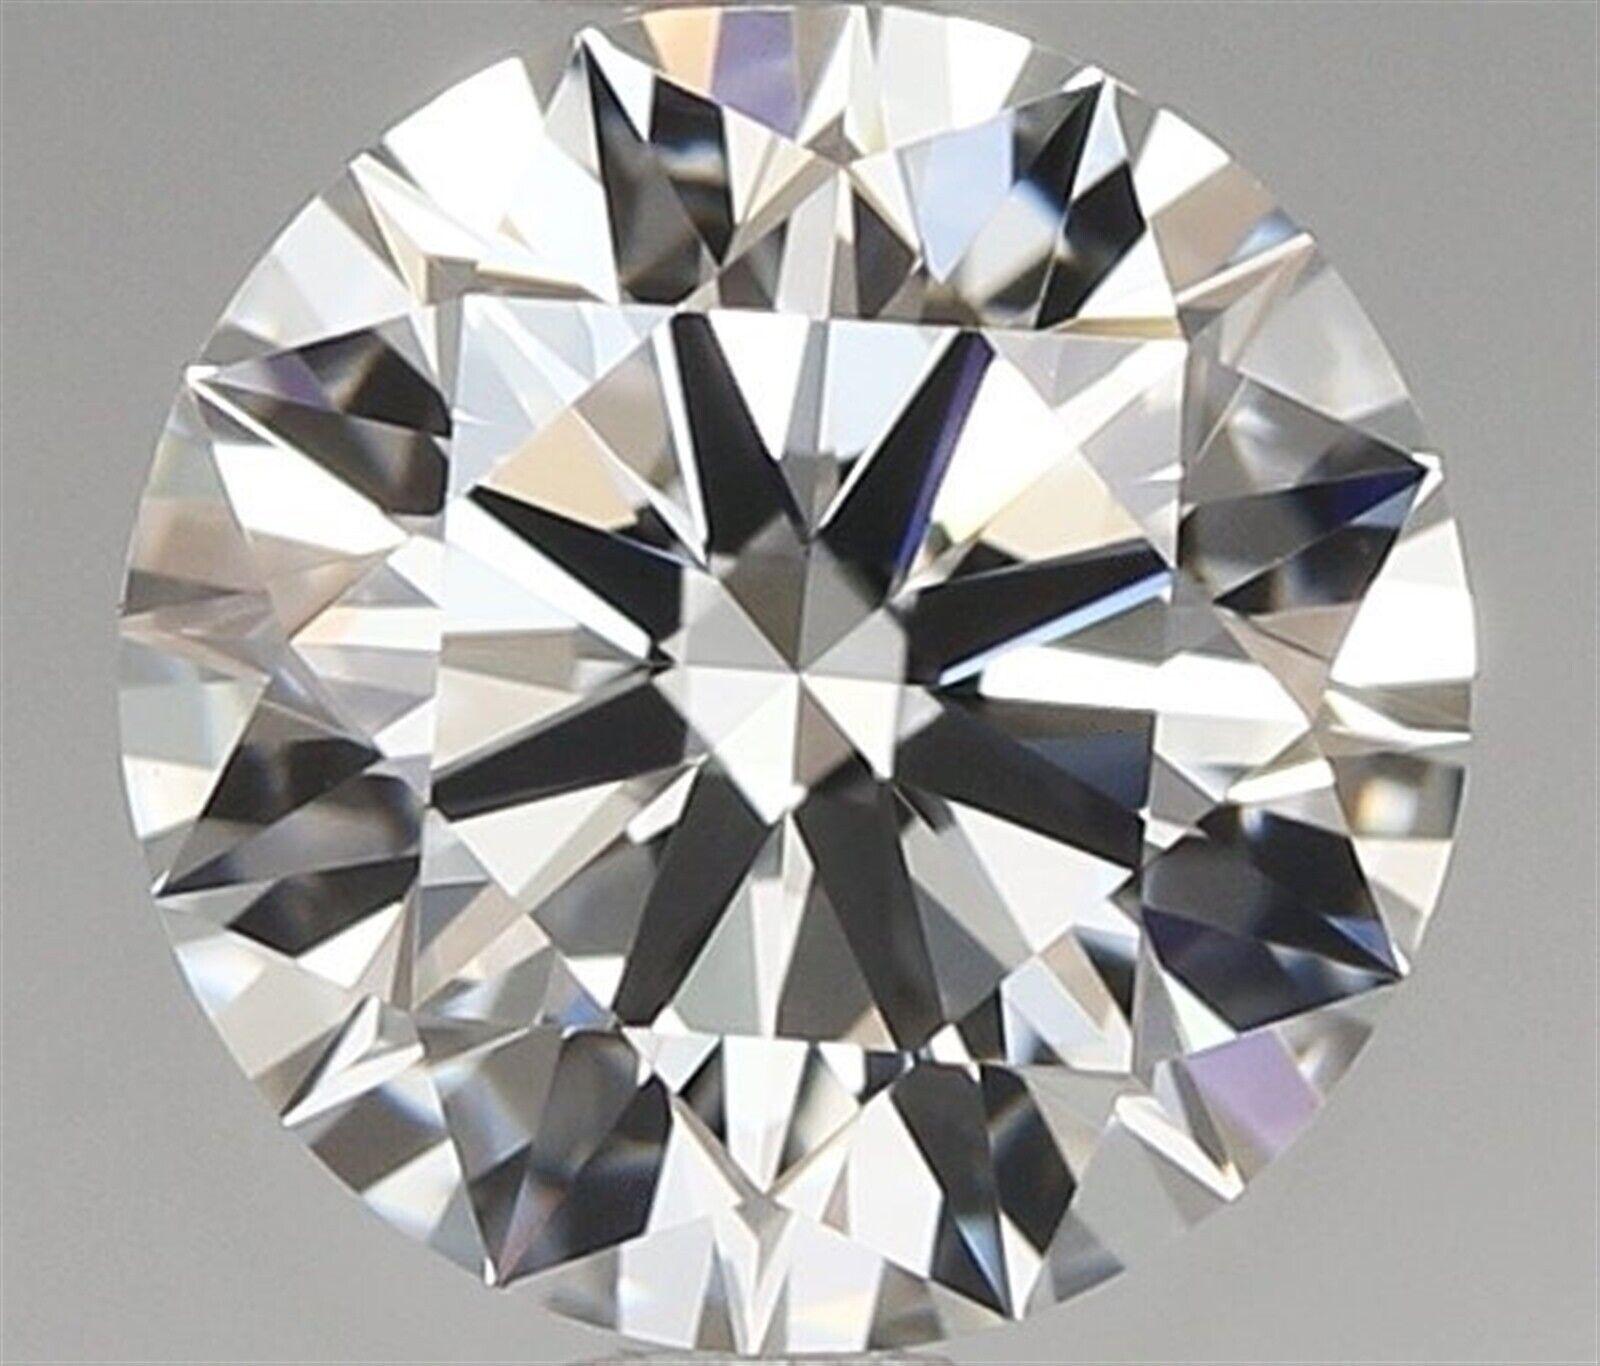 0.90 ct G Color IF Clarity Round 100% Natural Loose Diamond EX Cut GIA FL Medium